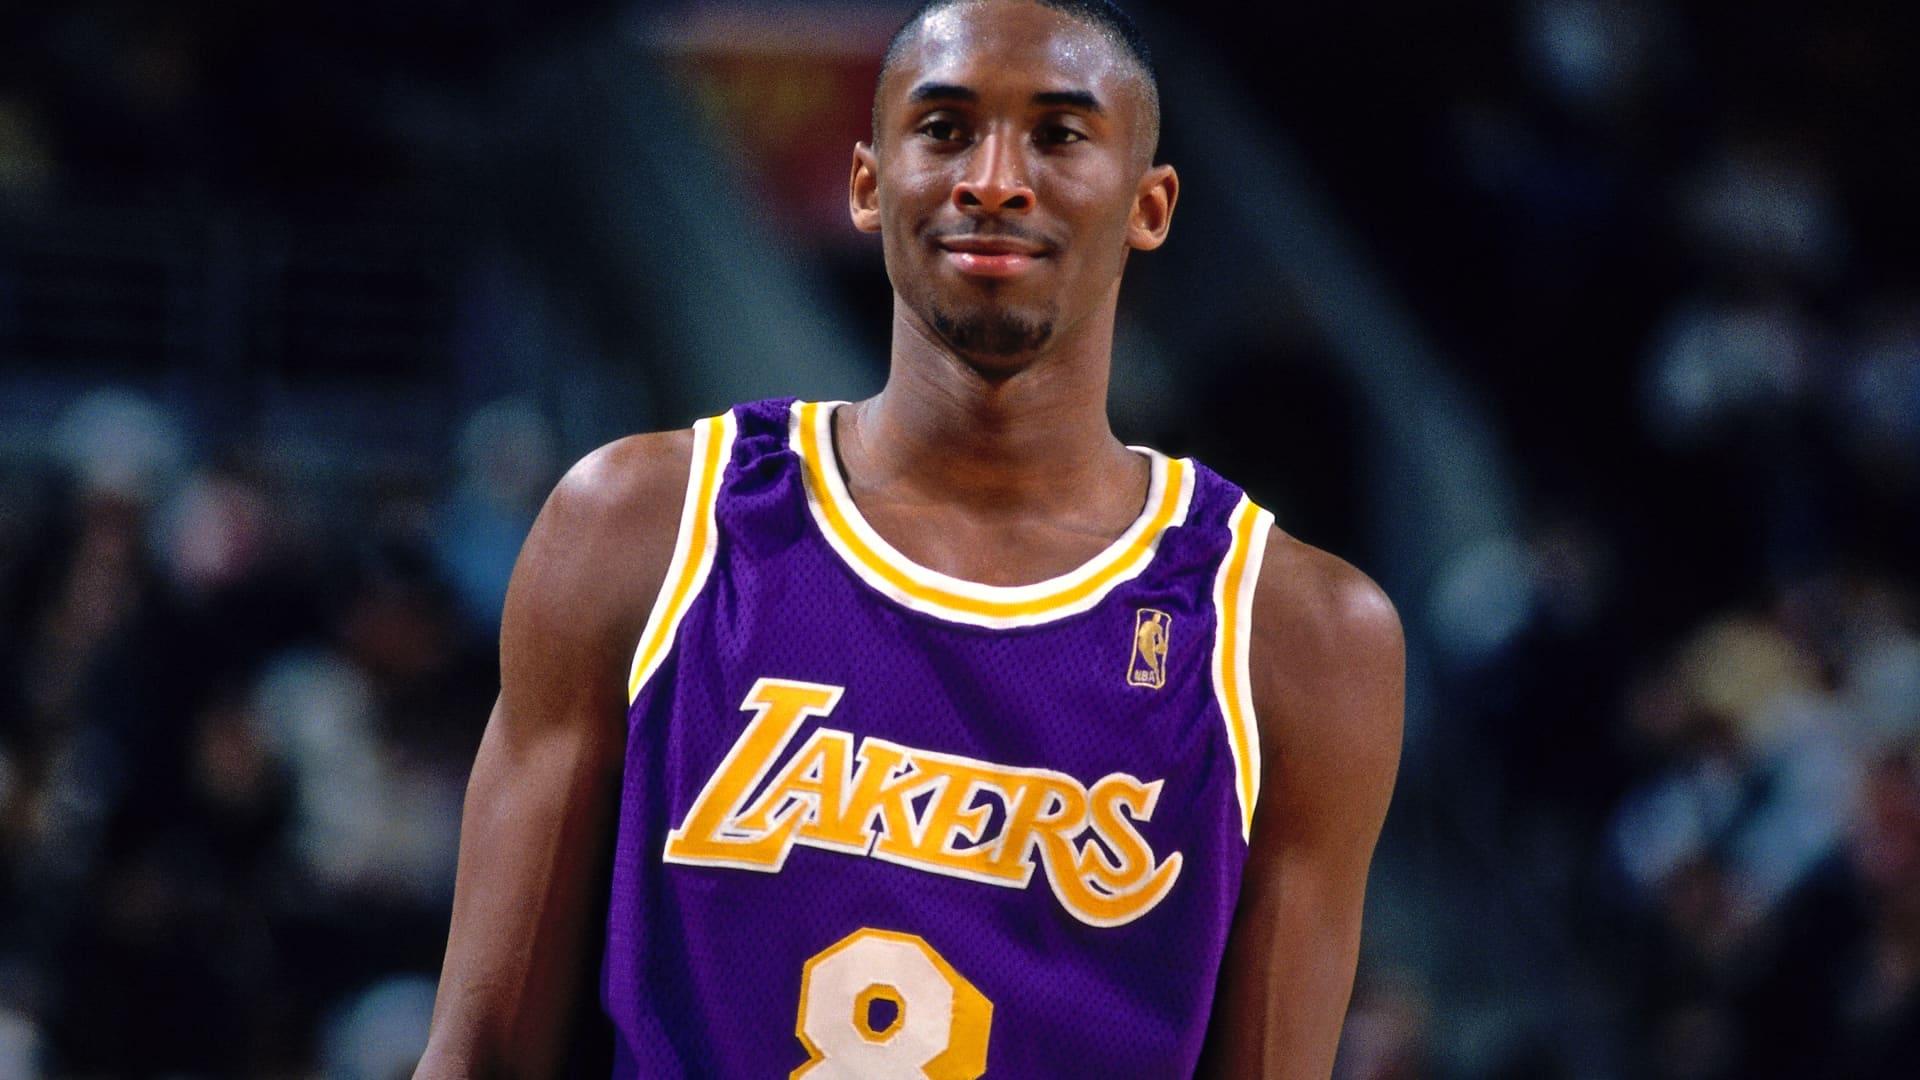 Kobe Bryant in 1996